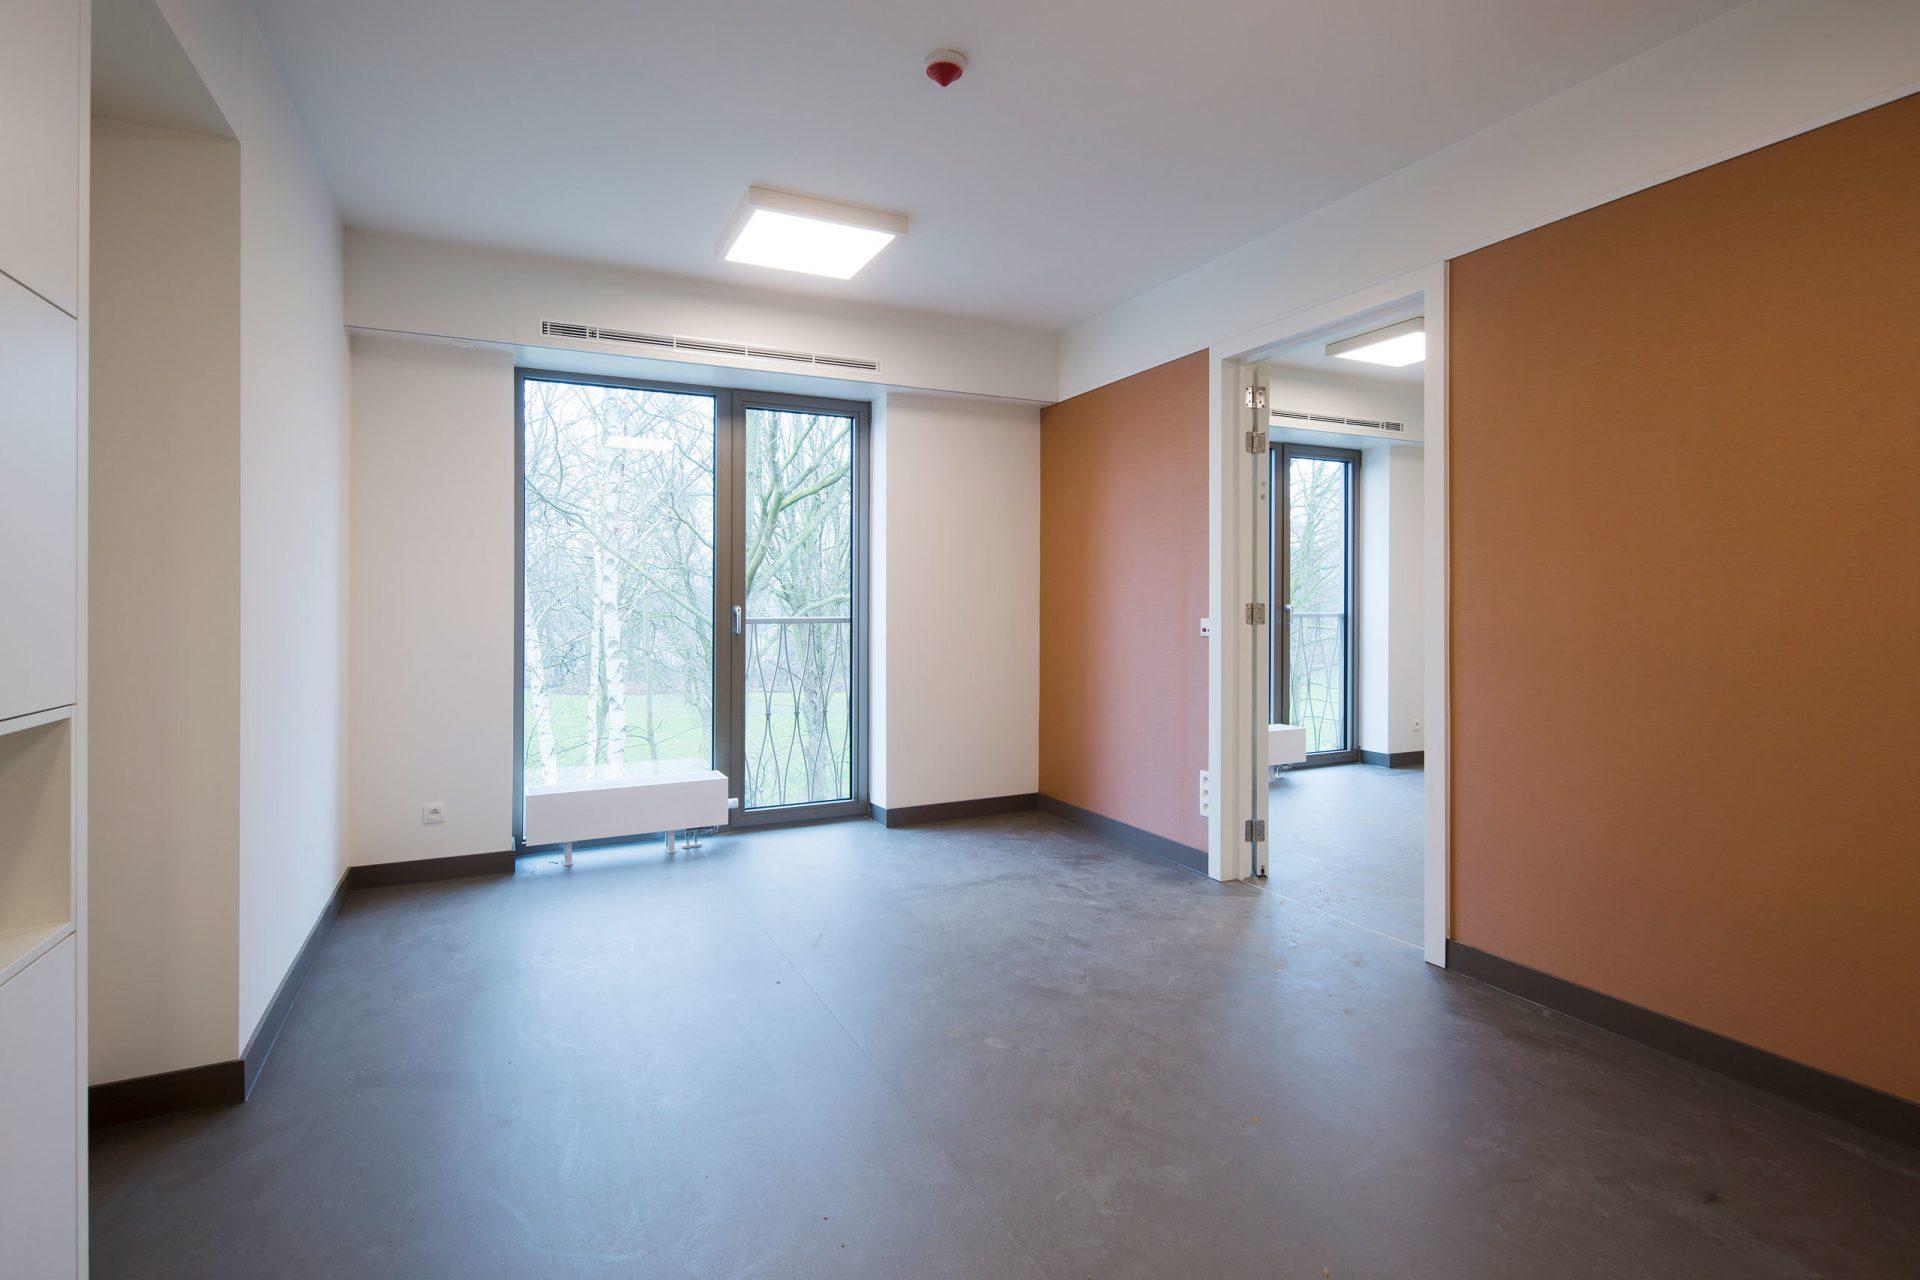 Machelen Room Double